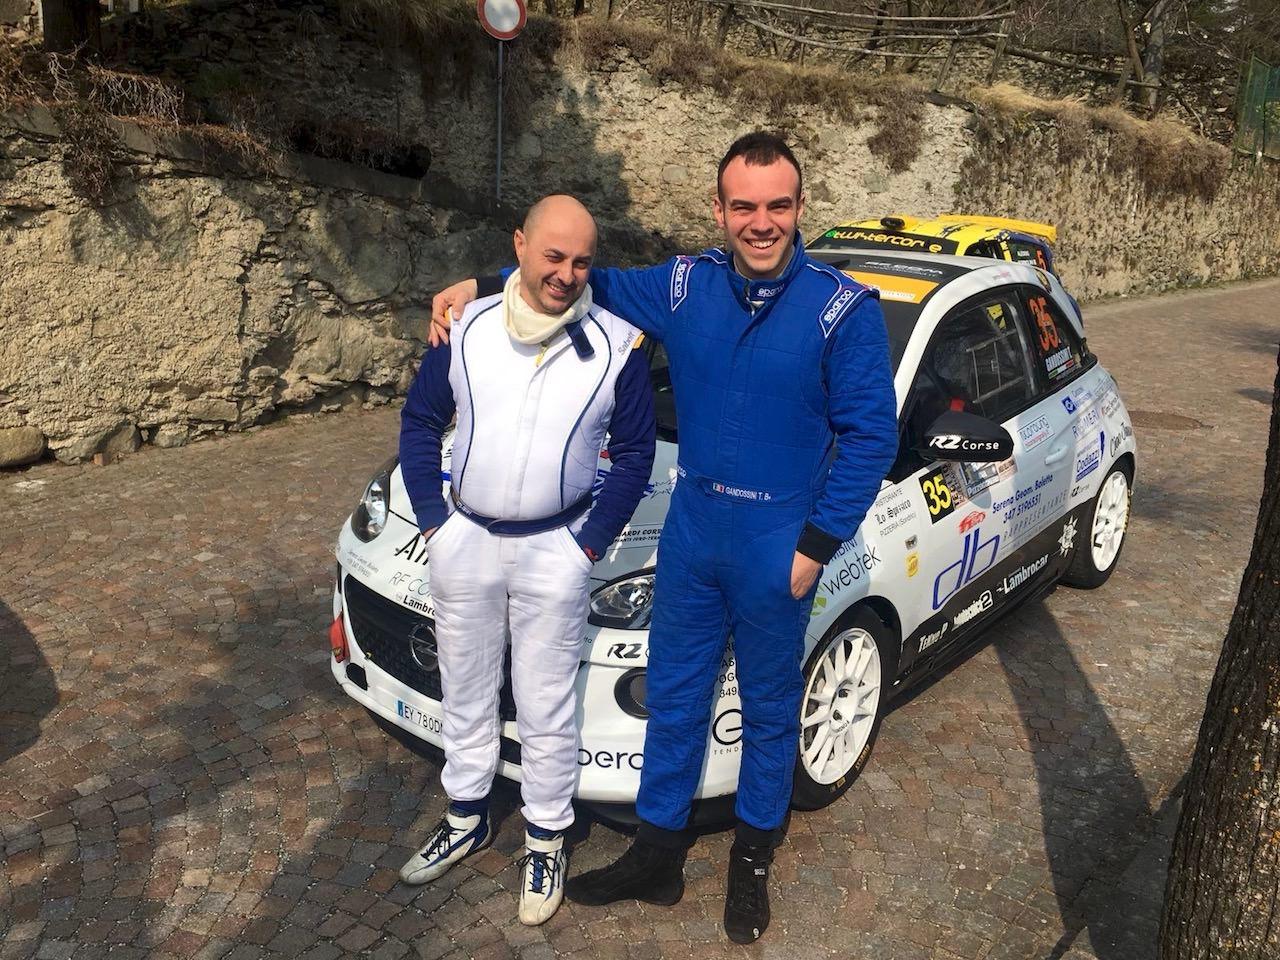 Gandossini Tiziano e Mostacchi Nico conquistano la 1ª posizione di classe e il 9° posto assoluto al 1° Rally del Pizzocchero